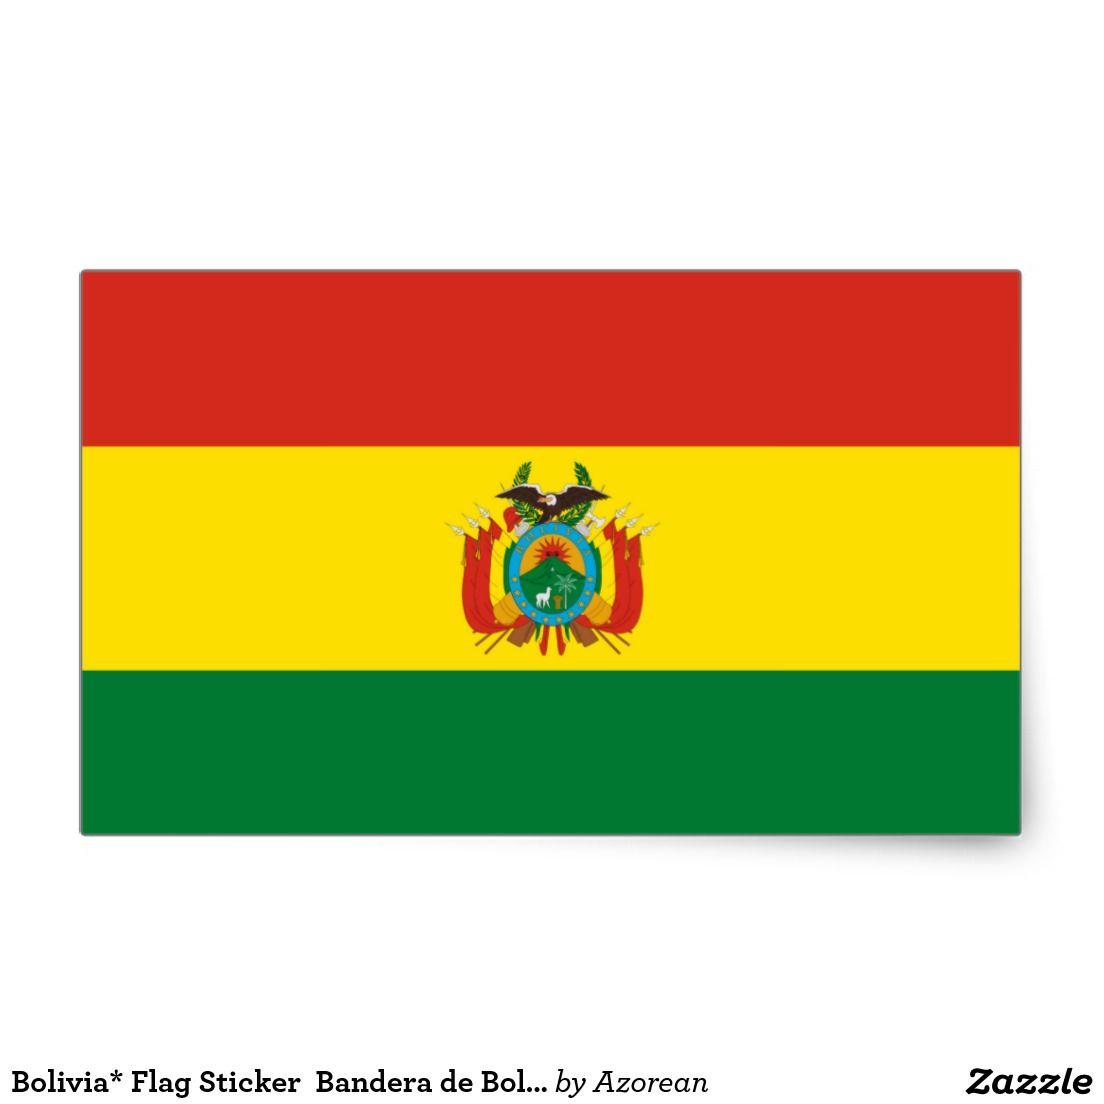 Bolivia* Flag Sticker  Bandera de Bolivia